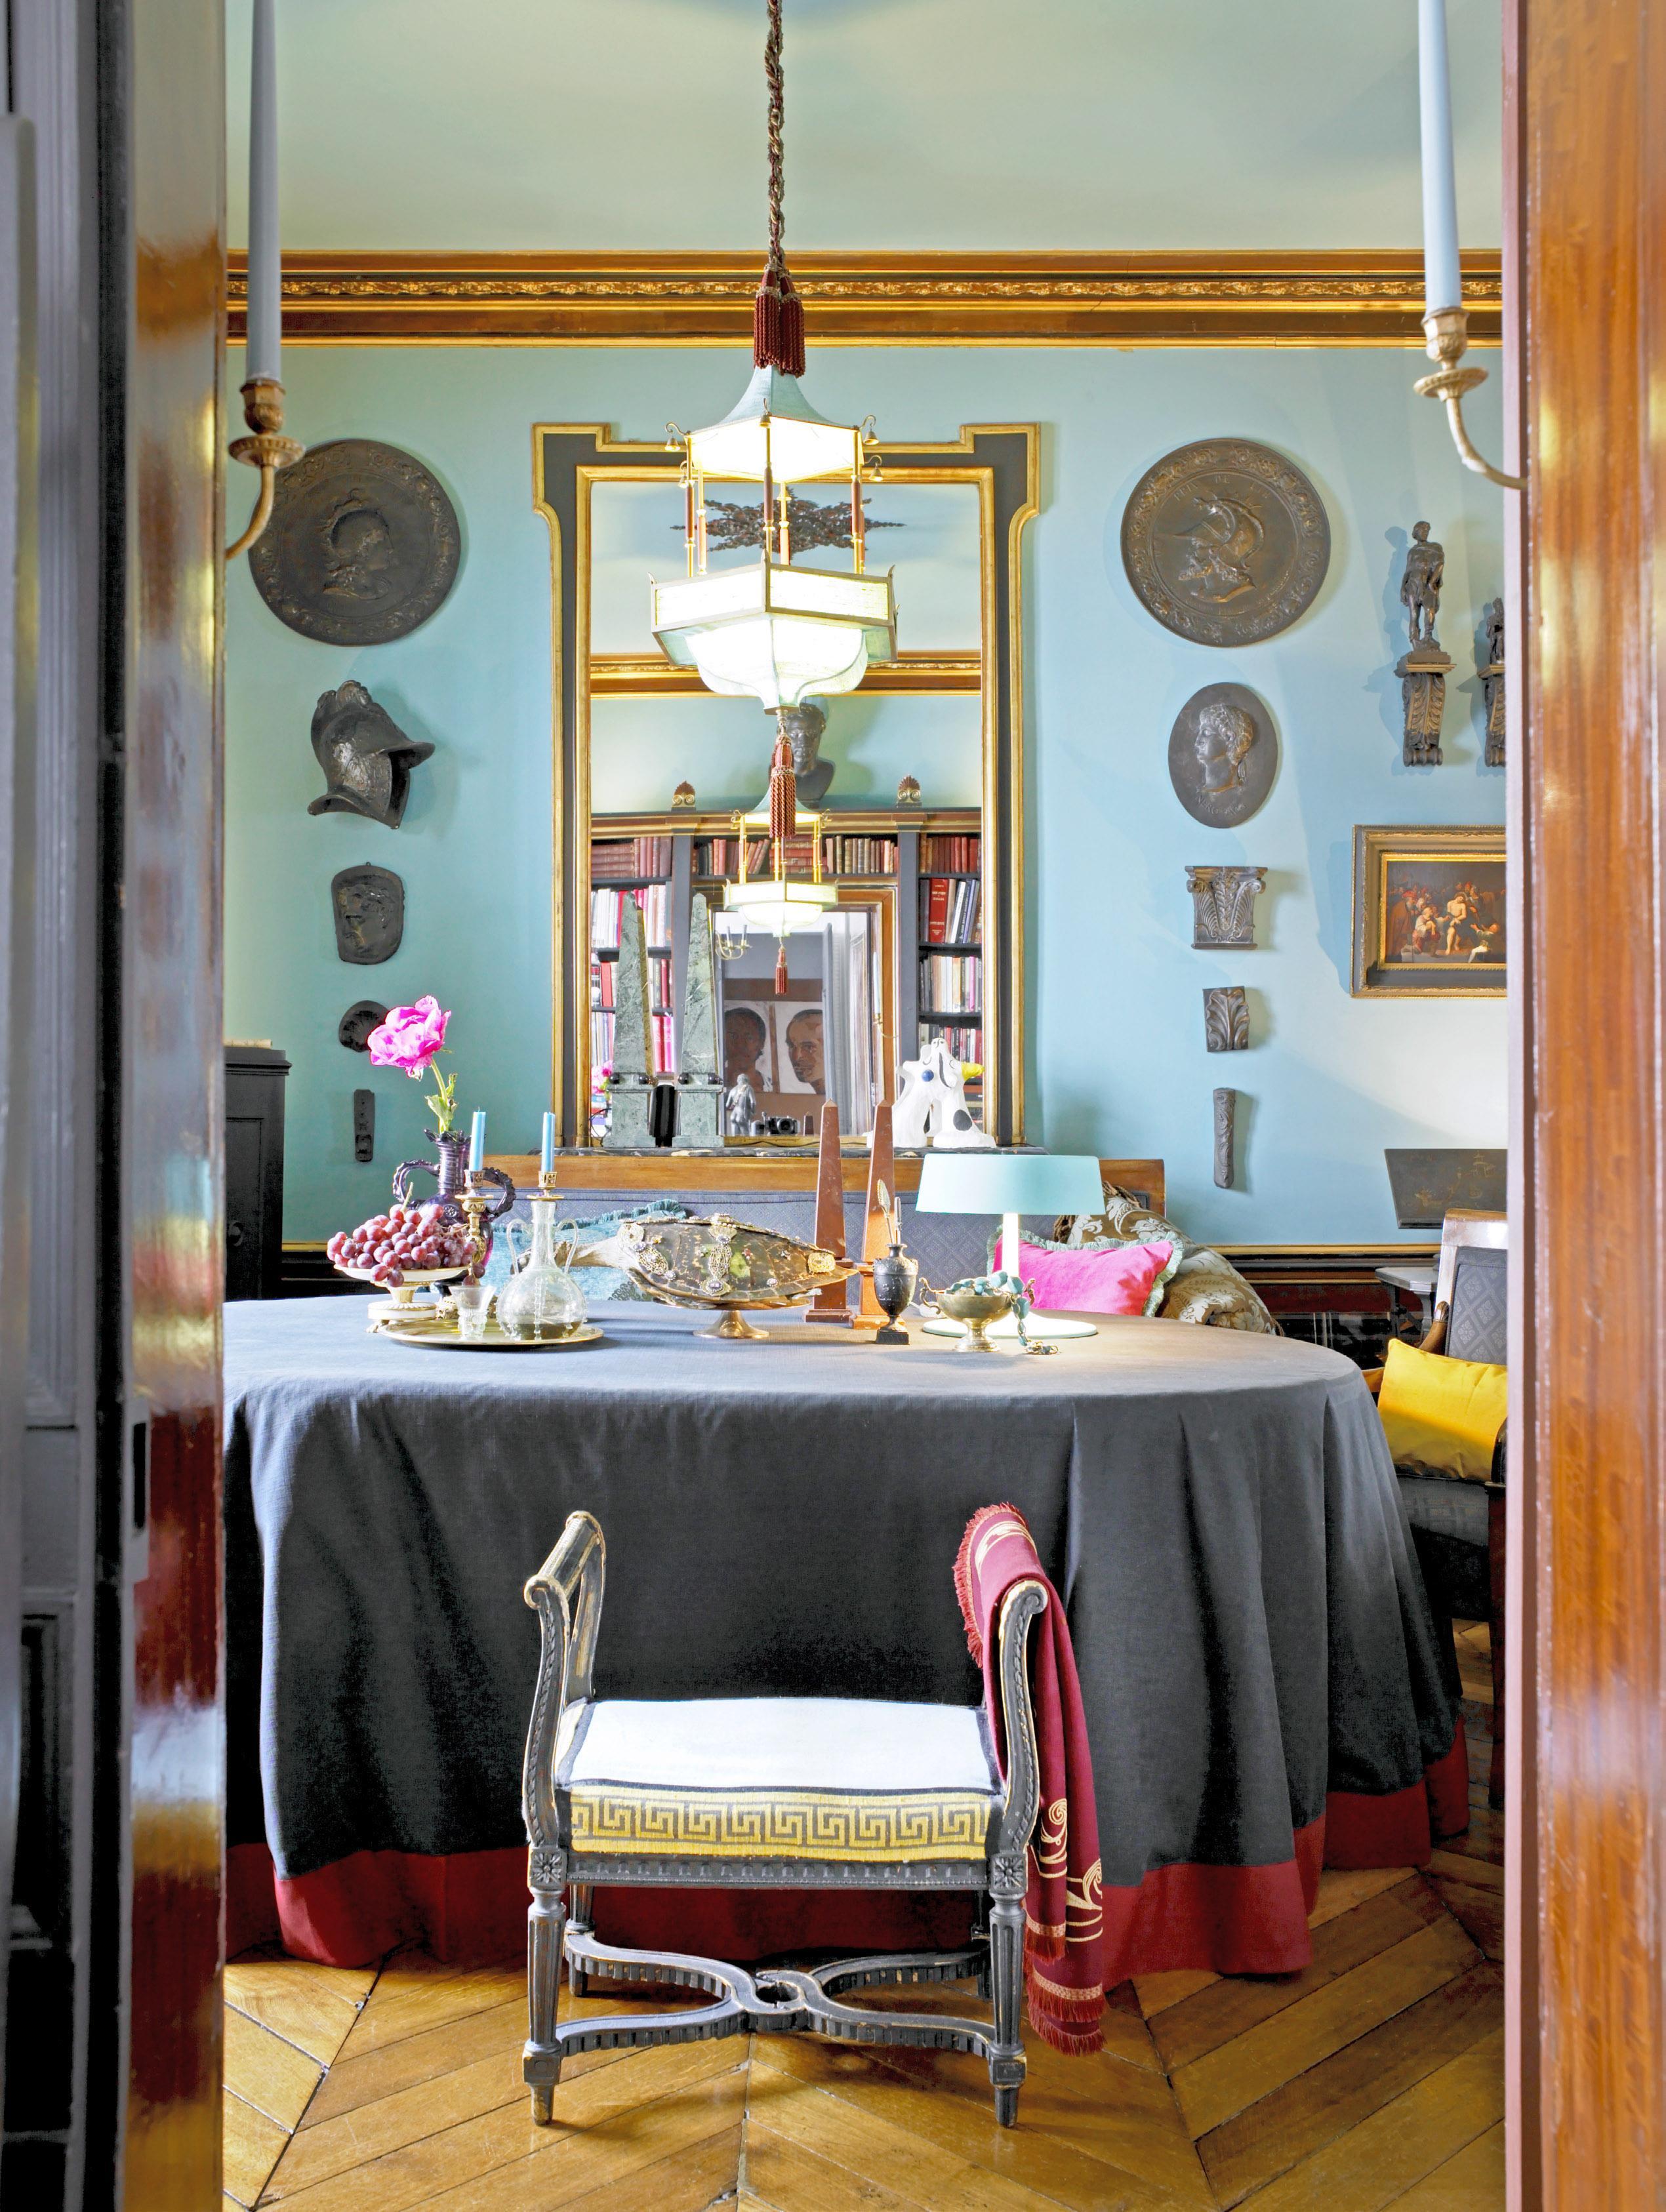 Binnenkijken: klassiek interieur met een twist in hartje Parijs